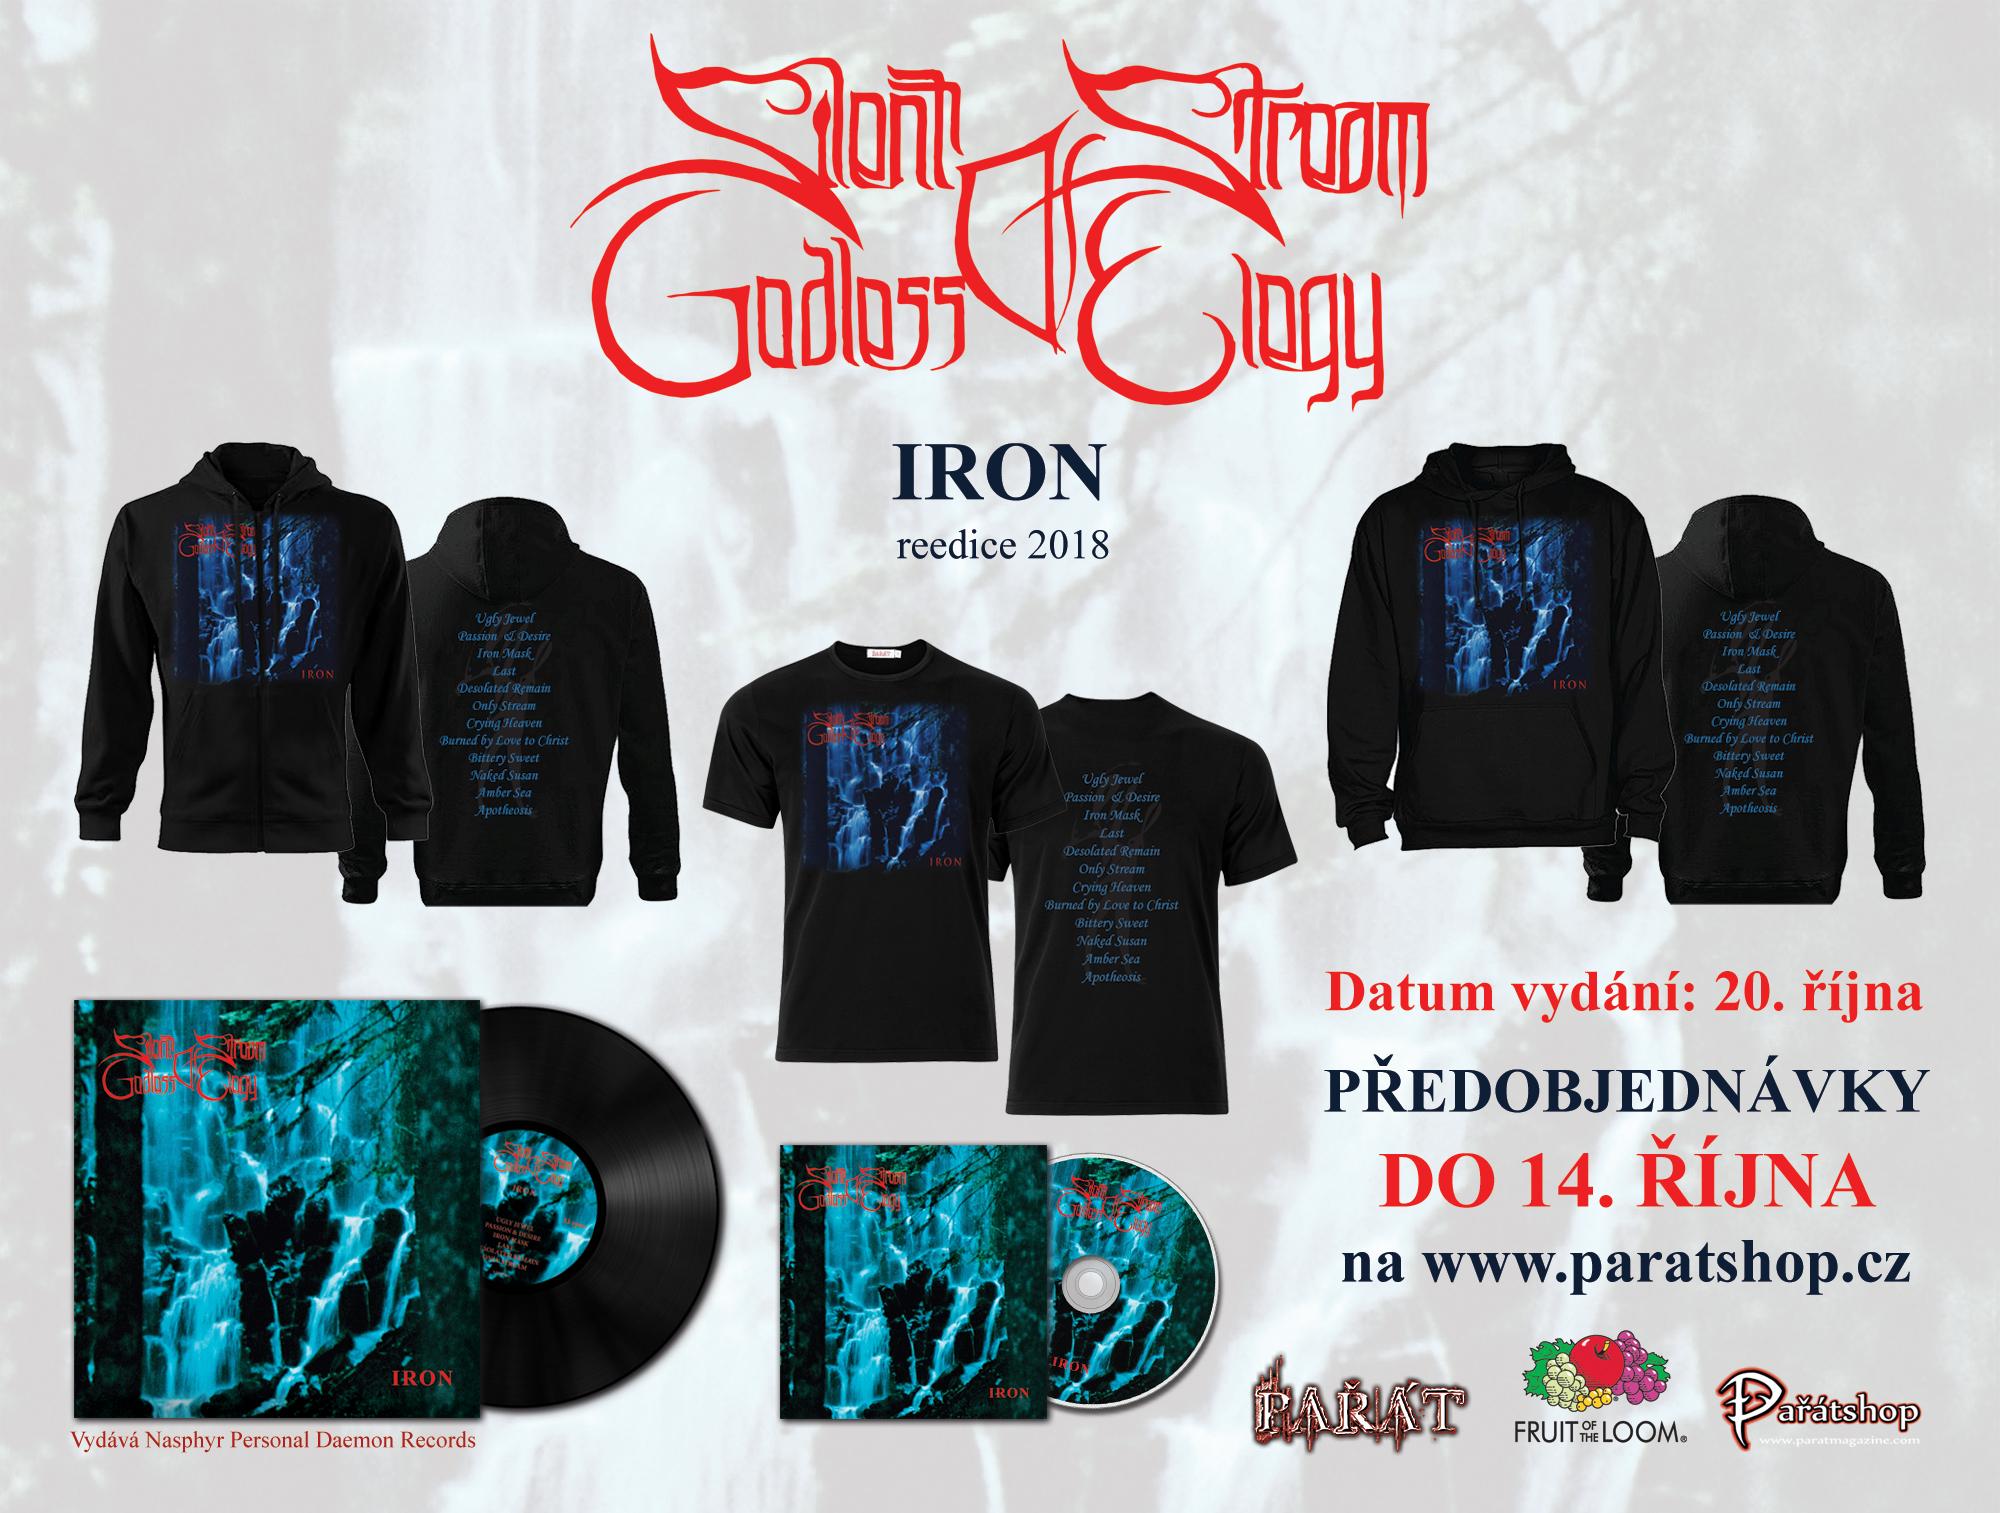 Pařát vydá v CD reedici první album SILENT STREAM OF GODLESS ELEGY a k němu nabízí možnost předobjednání merchandise